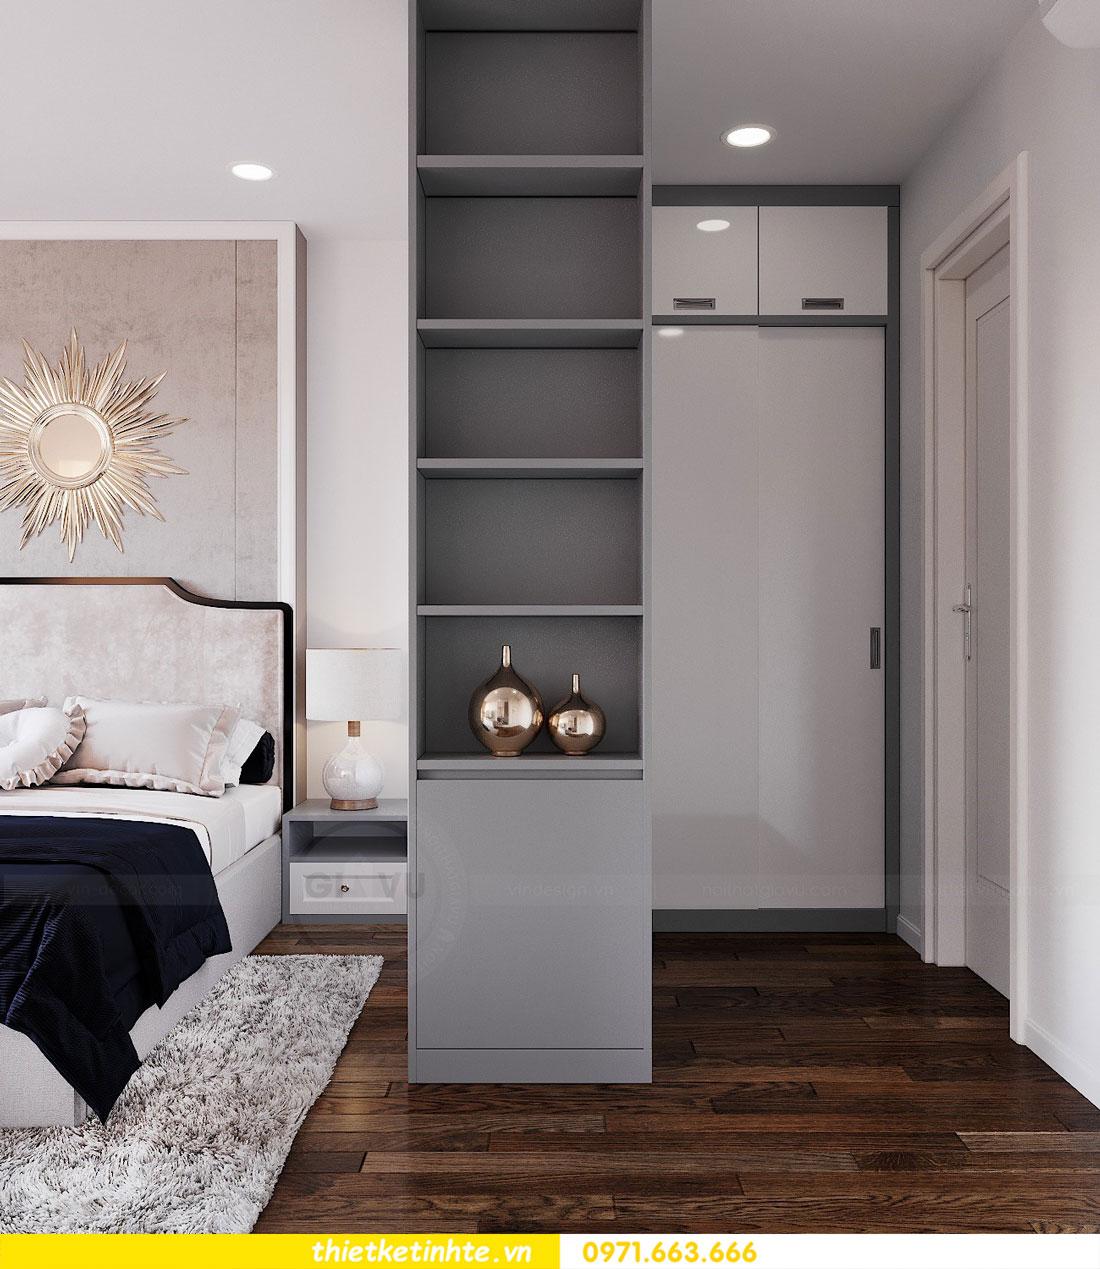 Mẫu thiết kế nội thất chung cư 3 phòng ngủ C3-06 DCapitale 08